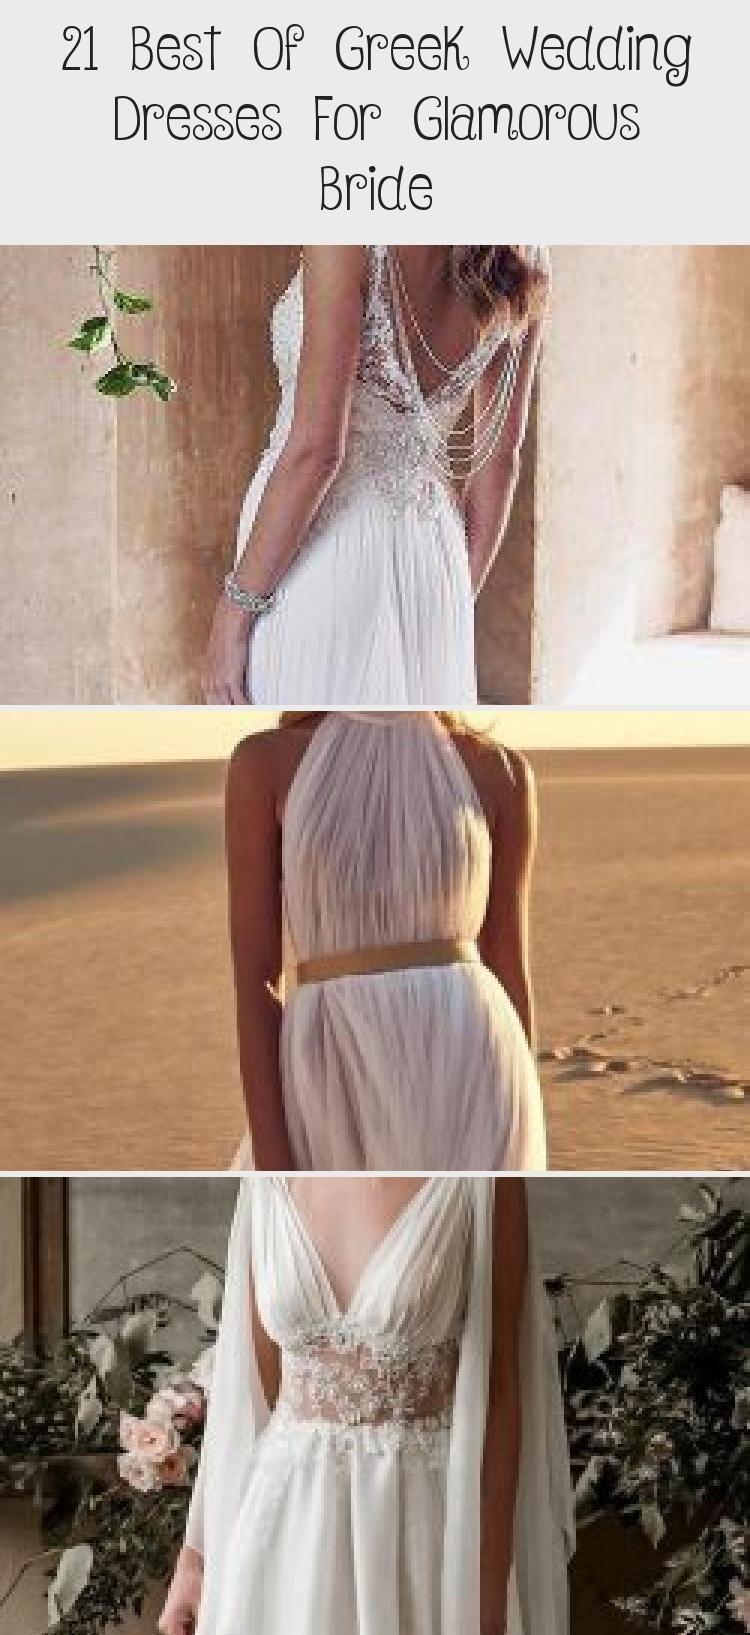 21 Best Of Greek Wedding Dresses For Glamorous Bride - Clothing & Dress #greekweddingdresses 21 Best Of Greek Wedding Dresses For Glamorous Bride | Wedding Forward #Farmweddingdressesguest #weddingdressesguest2019 #Royalweddingdressesguest #Barnweddingdressesguest #Beachweddingdressesguest #greekweddingdresses